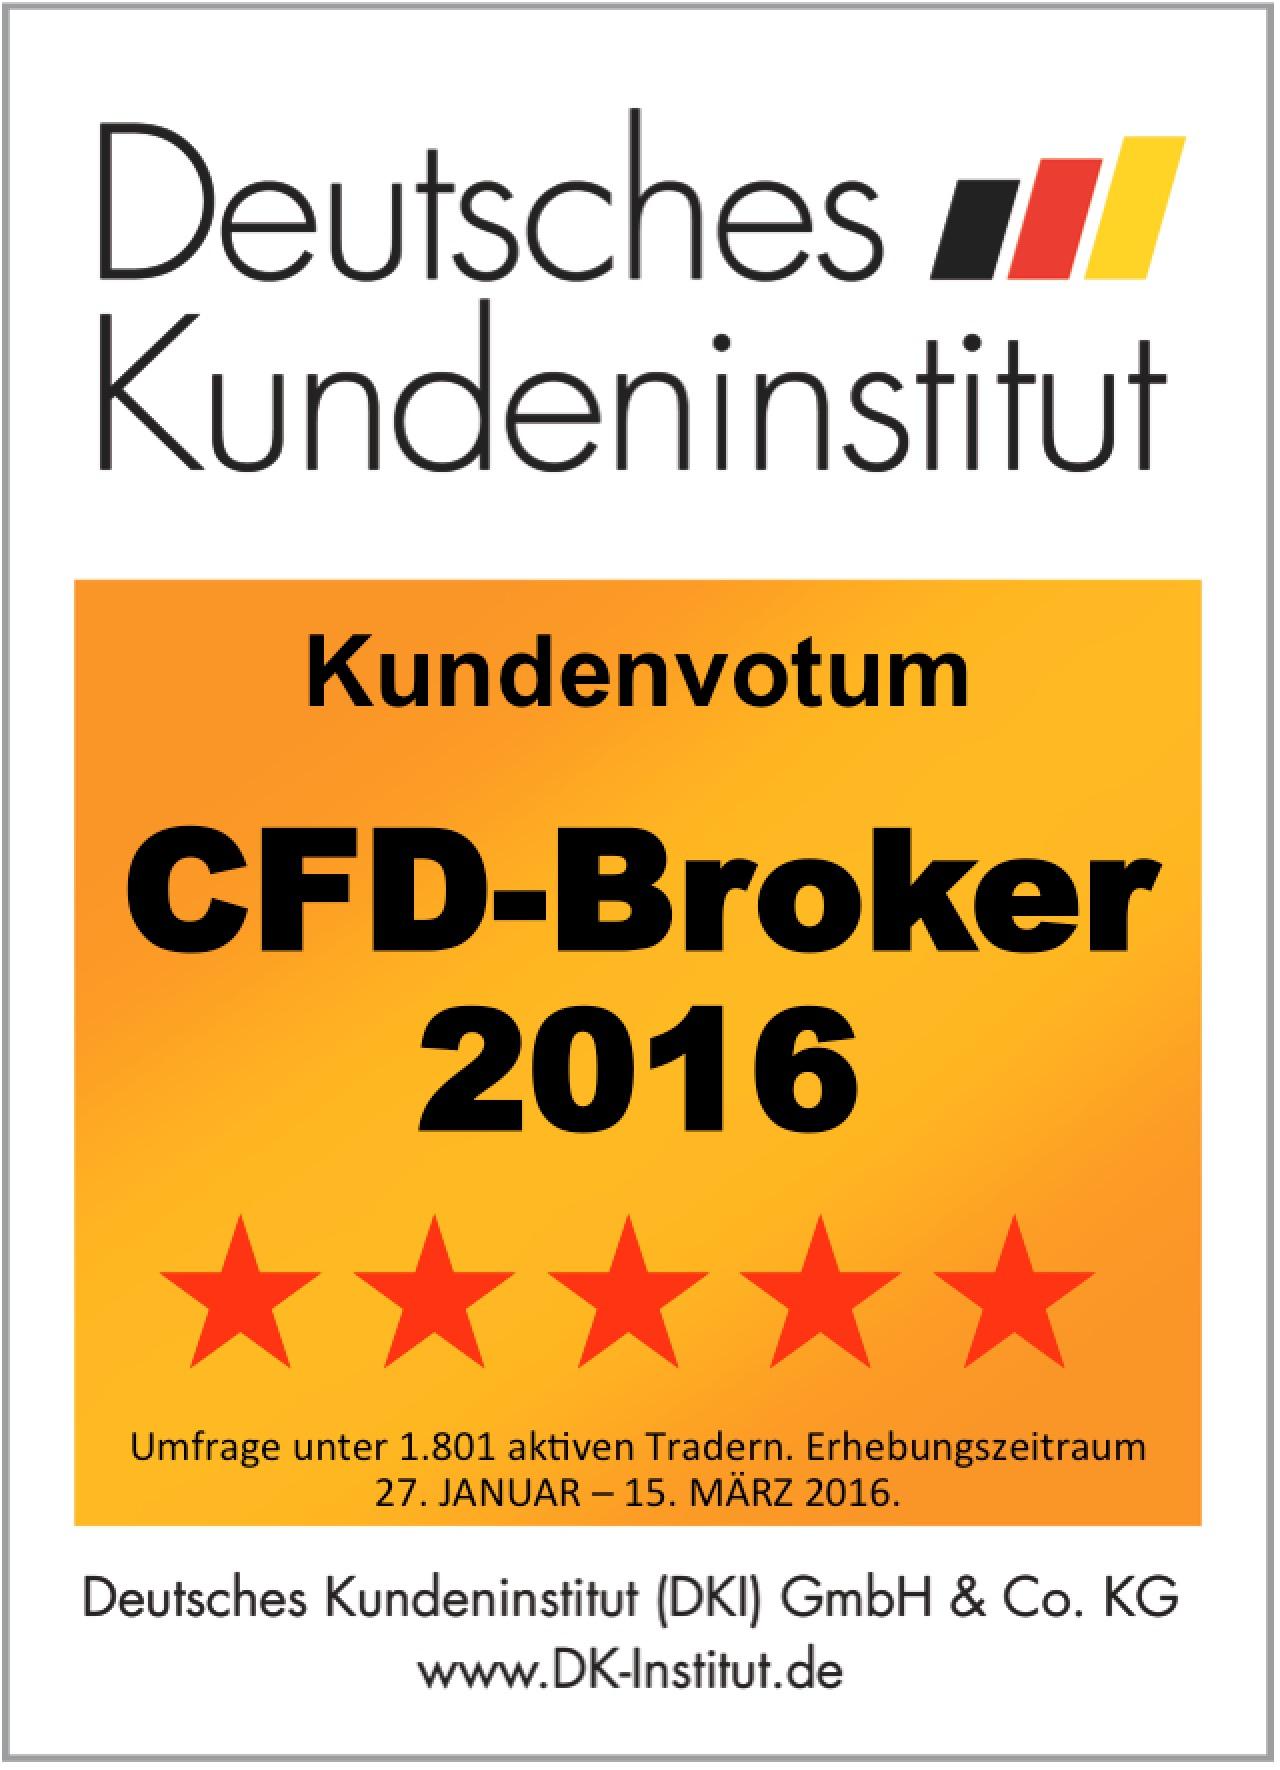 Bester CFD Broker 2016: Admiral Markets UK. Höchstnote, 5 Sterne vom DKI